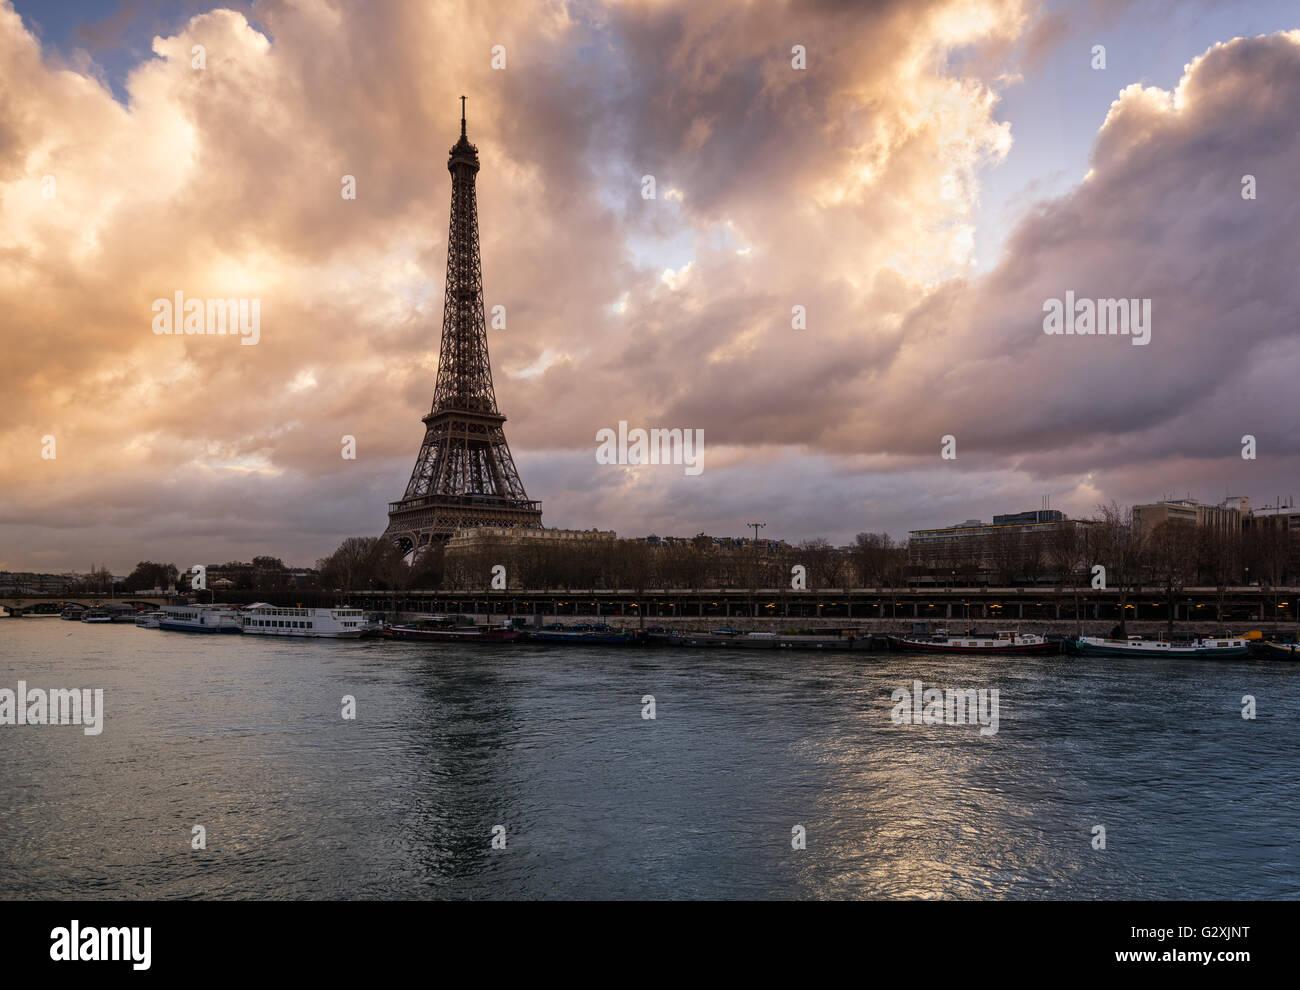 Leuchtende Wolken der Eiffelturm und der Seine bei Sonnenaufgang. Port de Suffren, Paris, Frankreich Stockbild